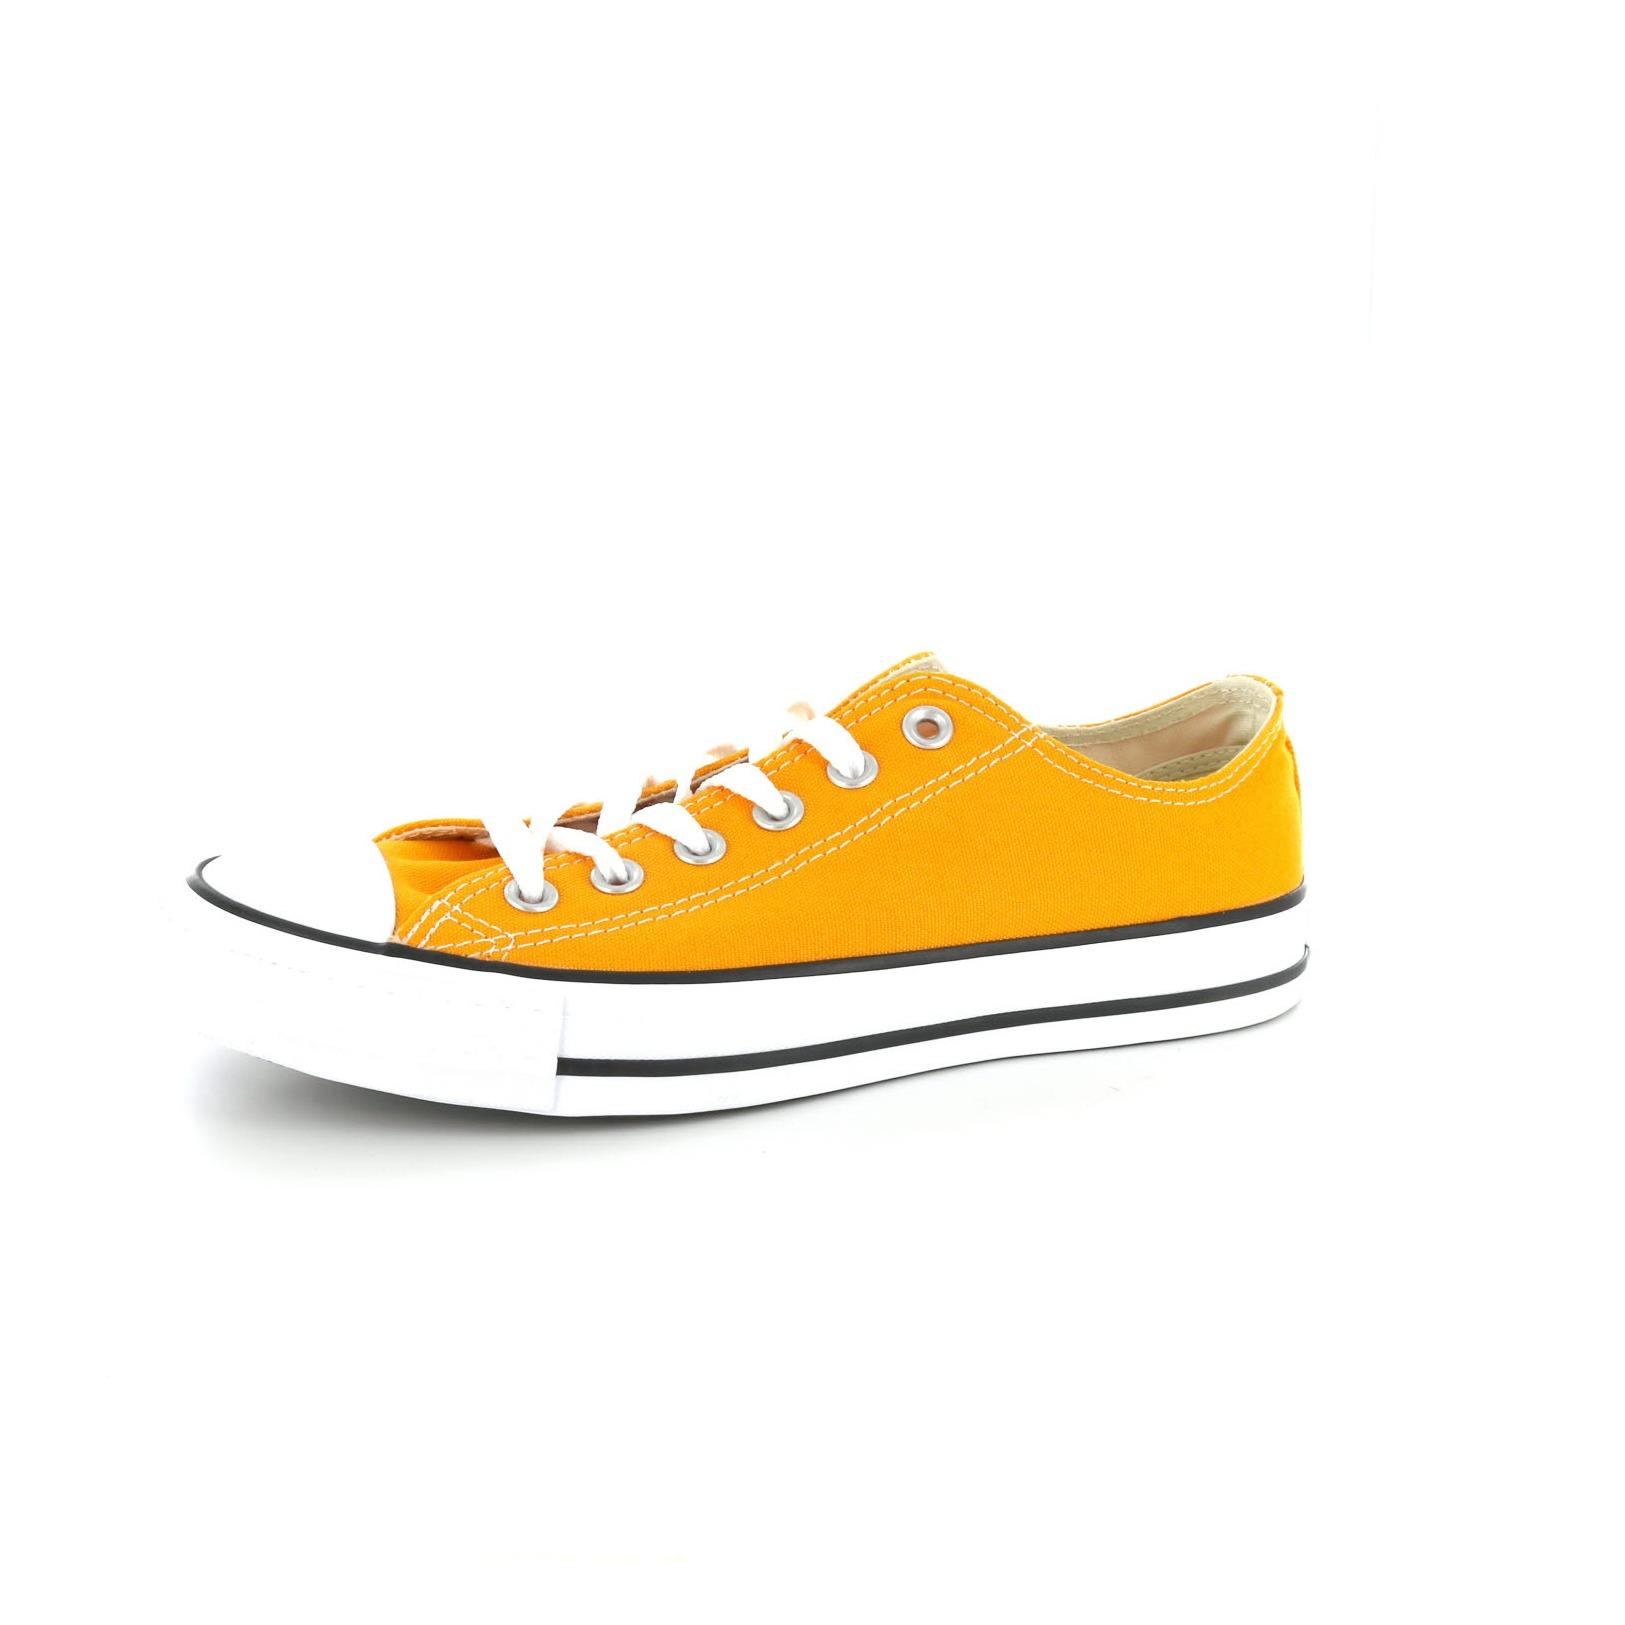 Converse / Chaussures À Lacets - Baskets, Jaune